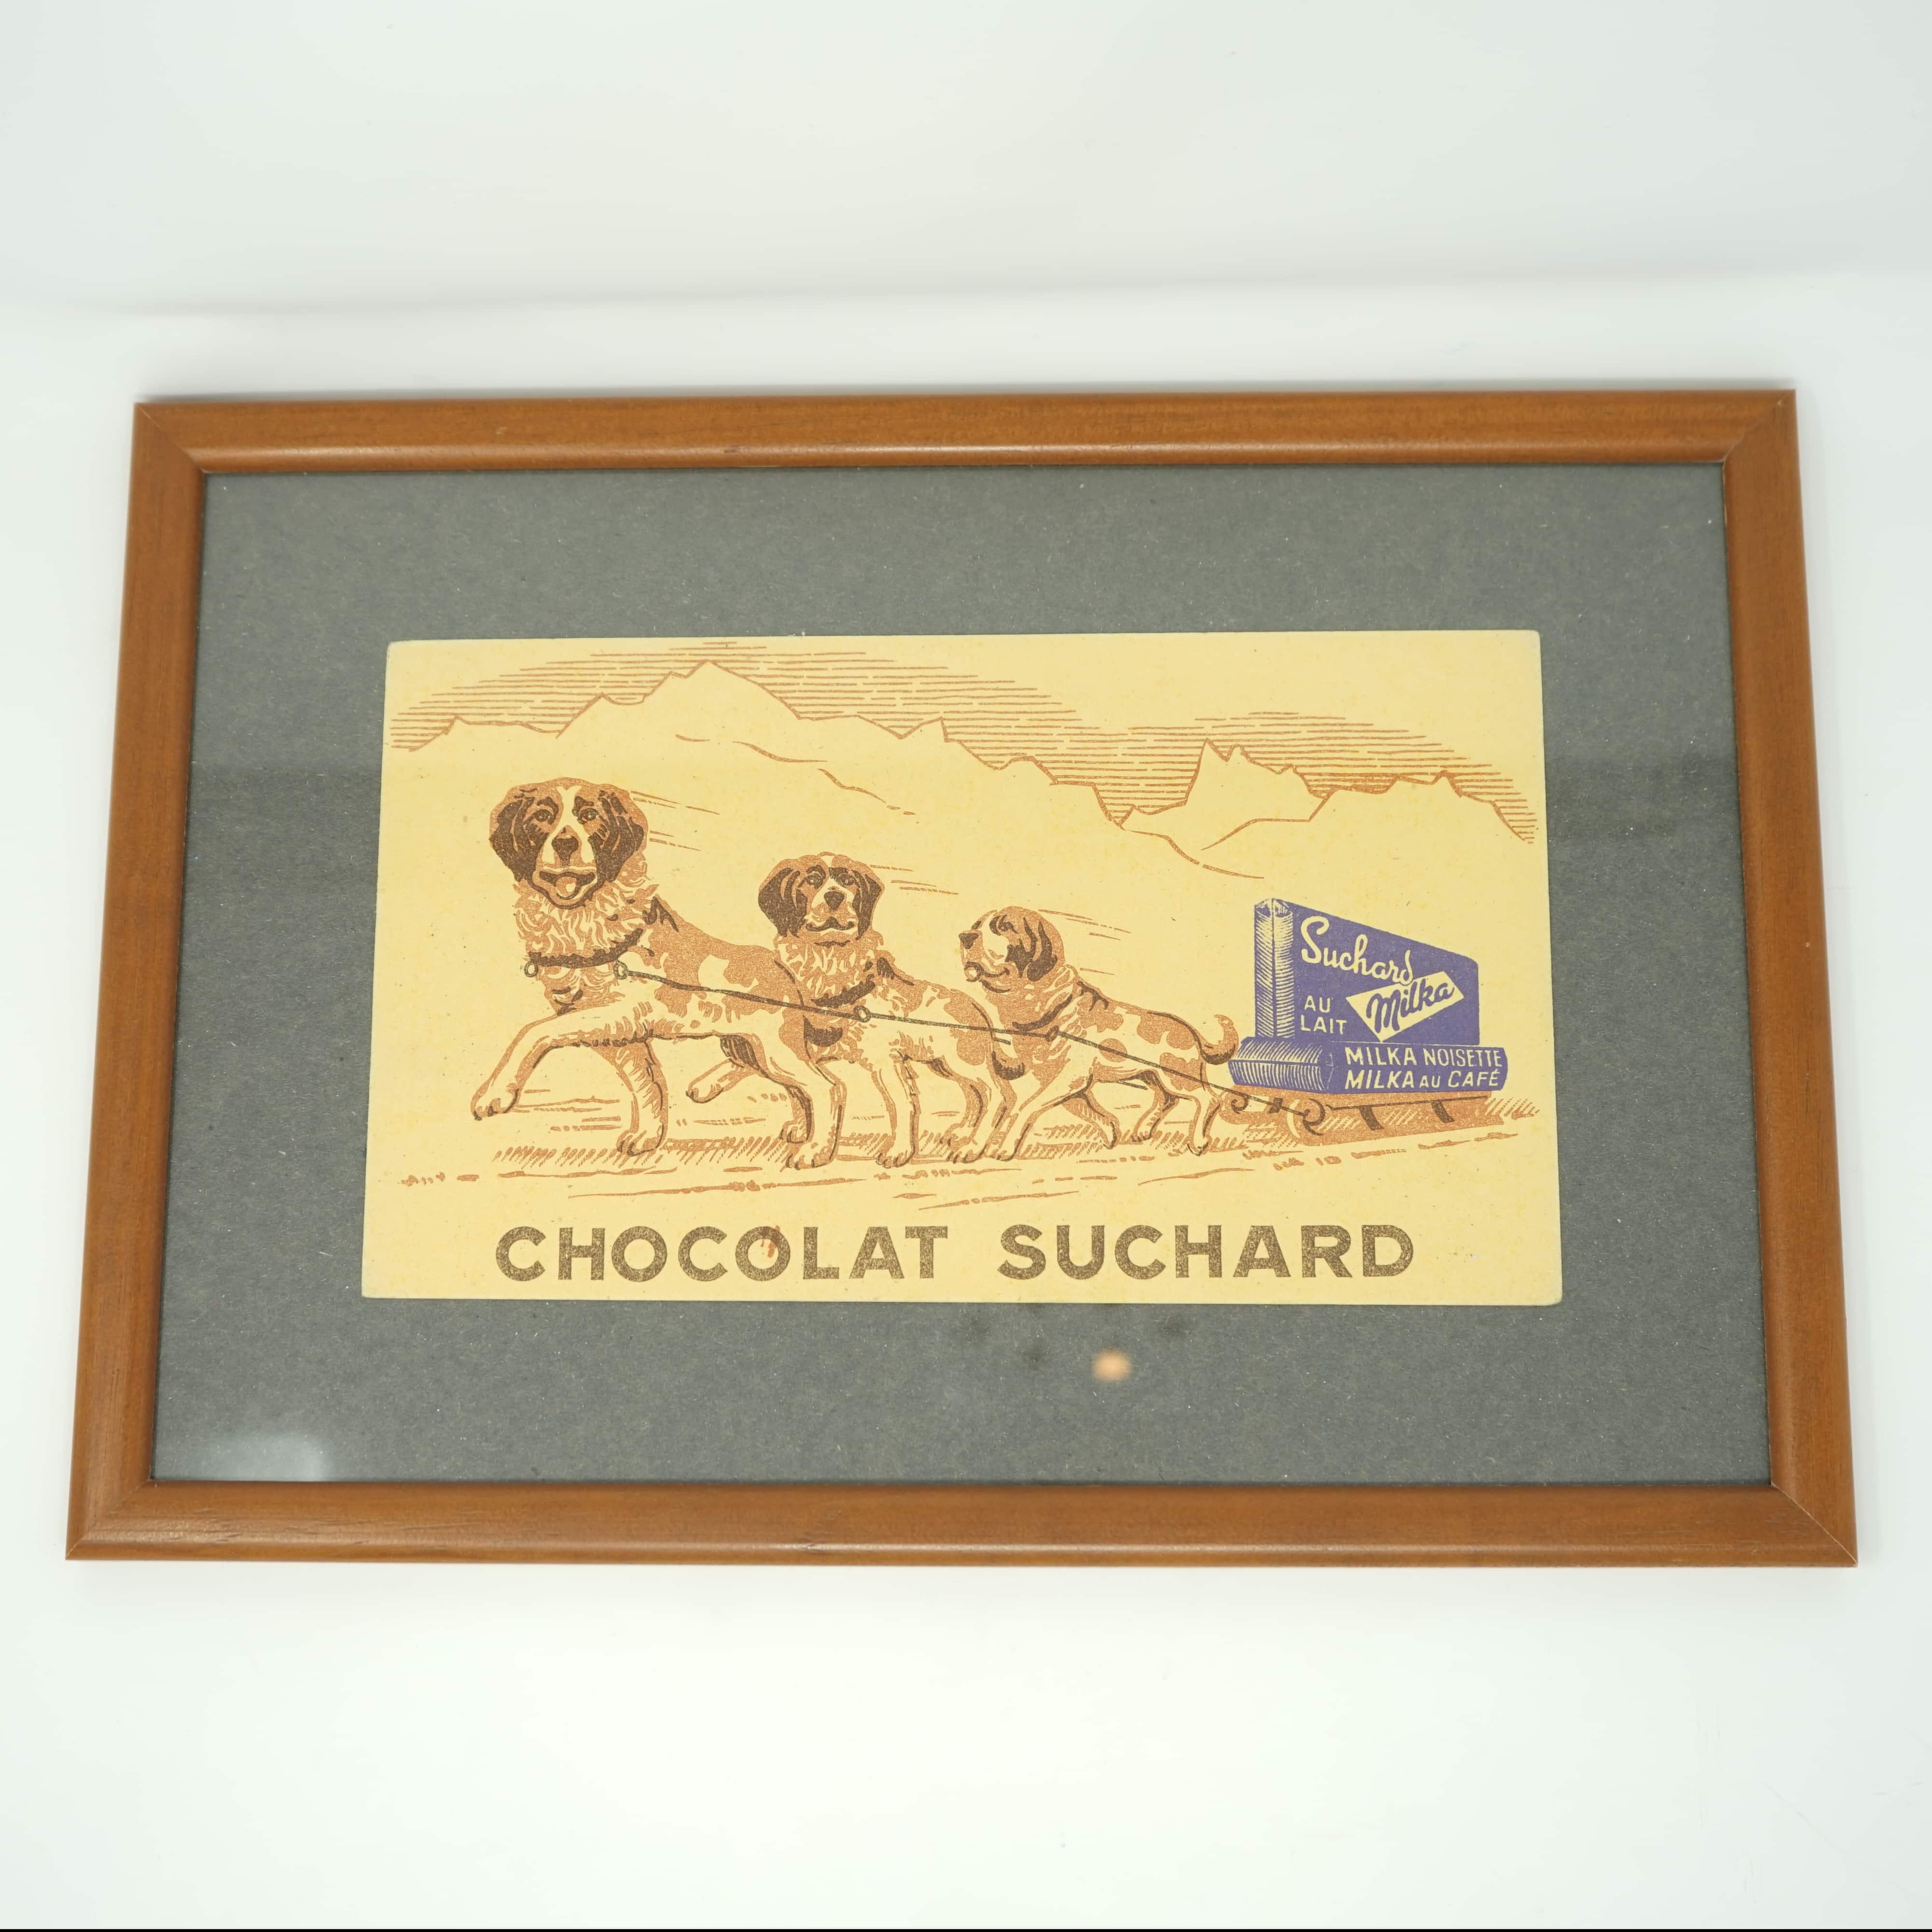 Publicité Chocolat Suchard Encadré